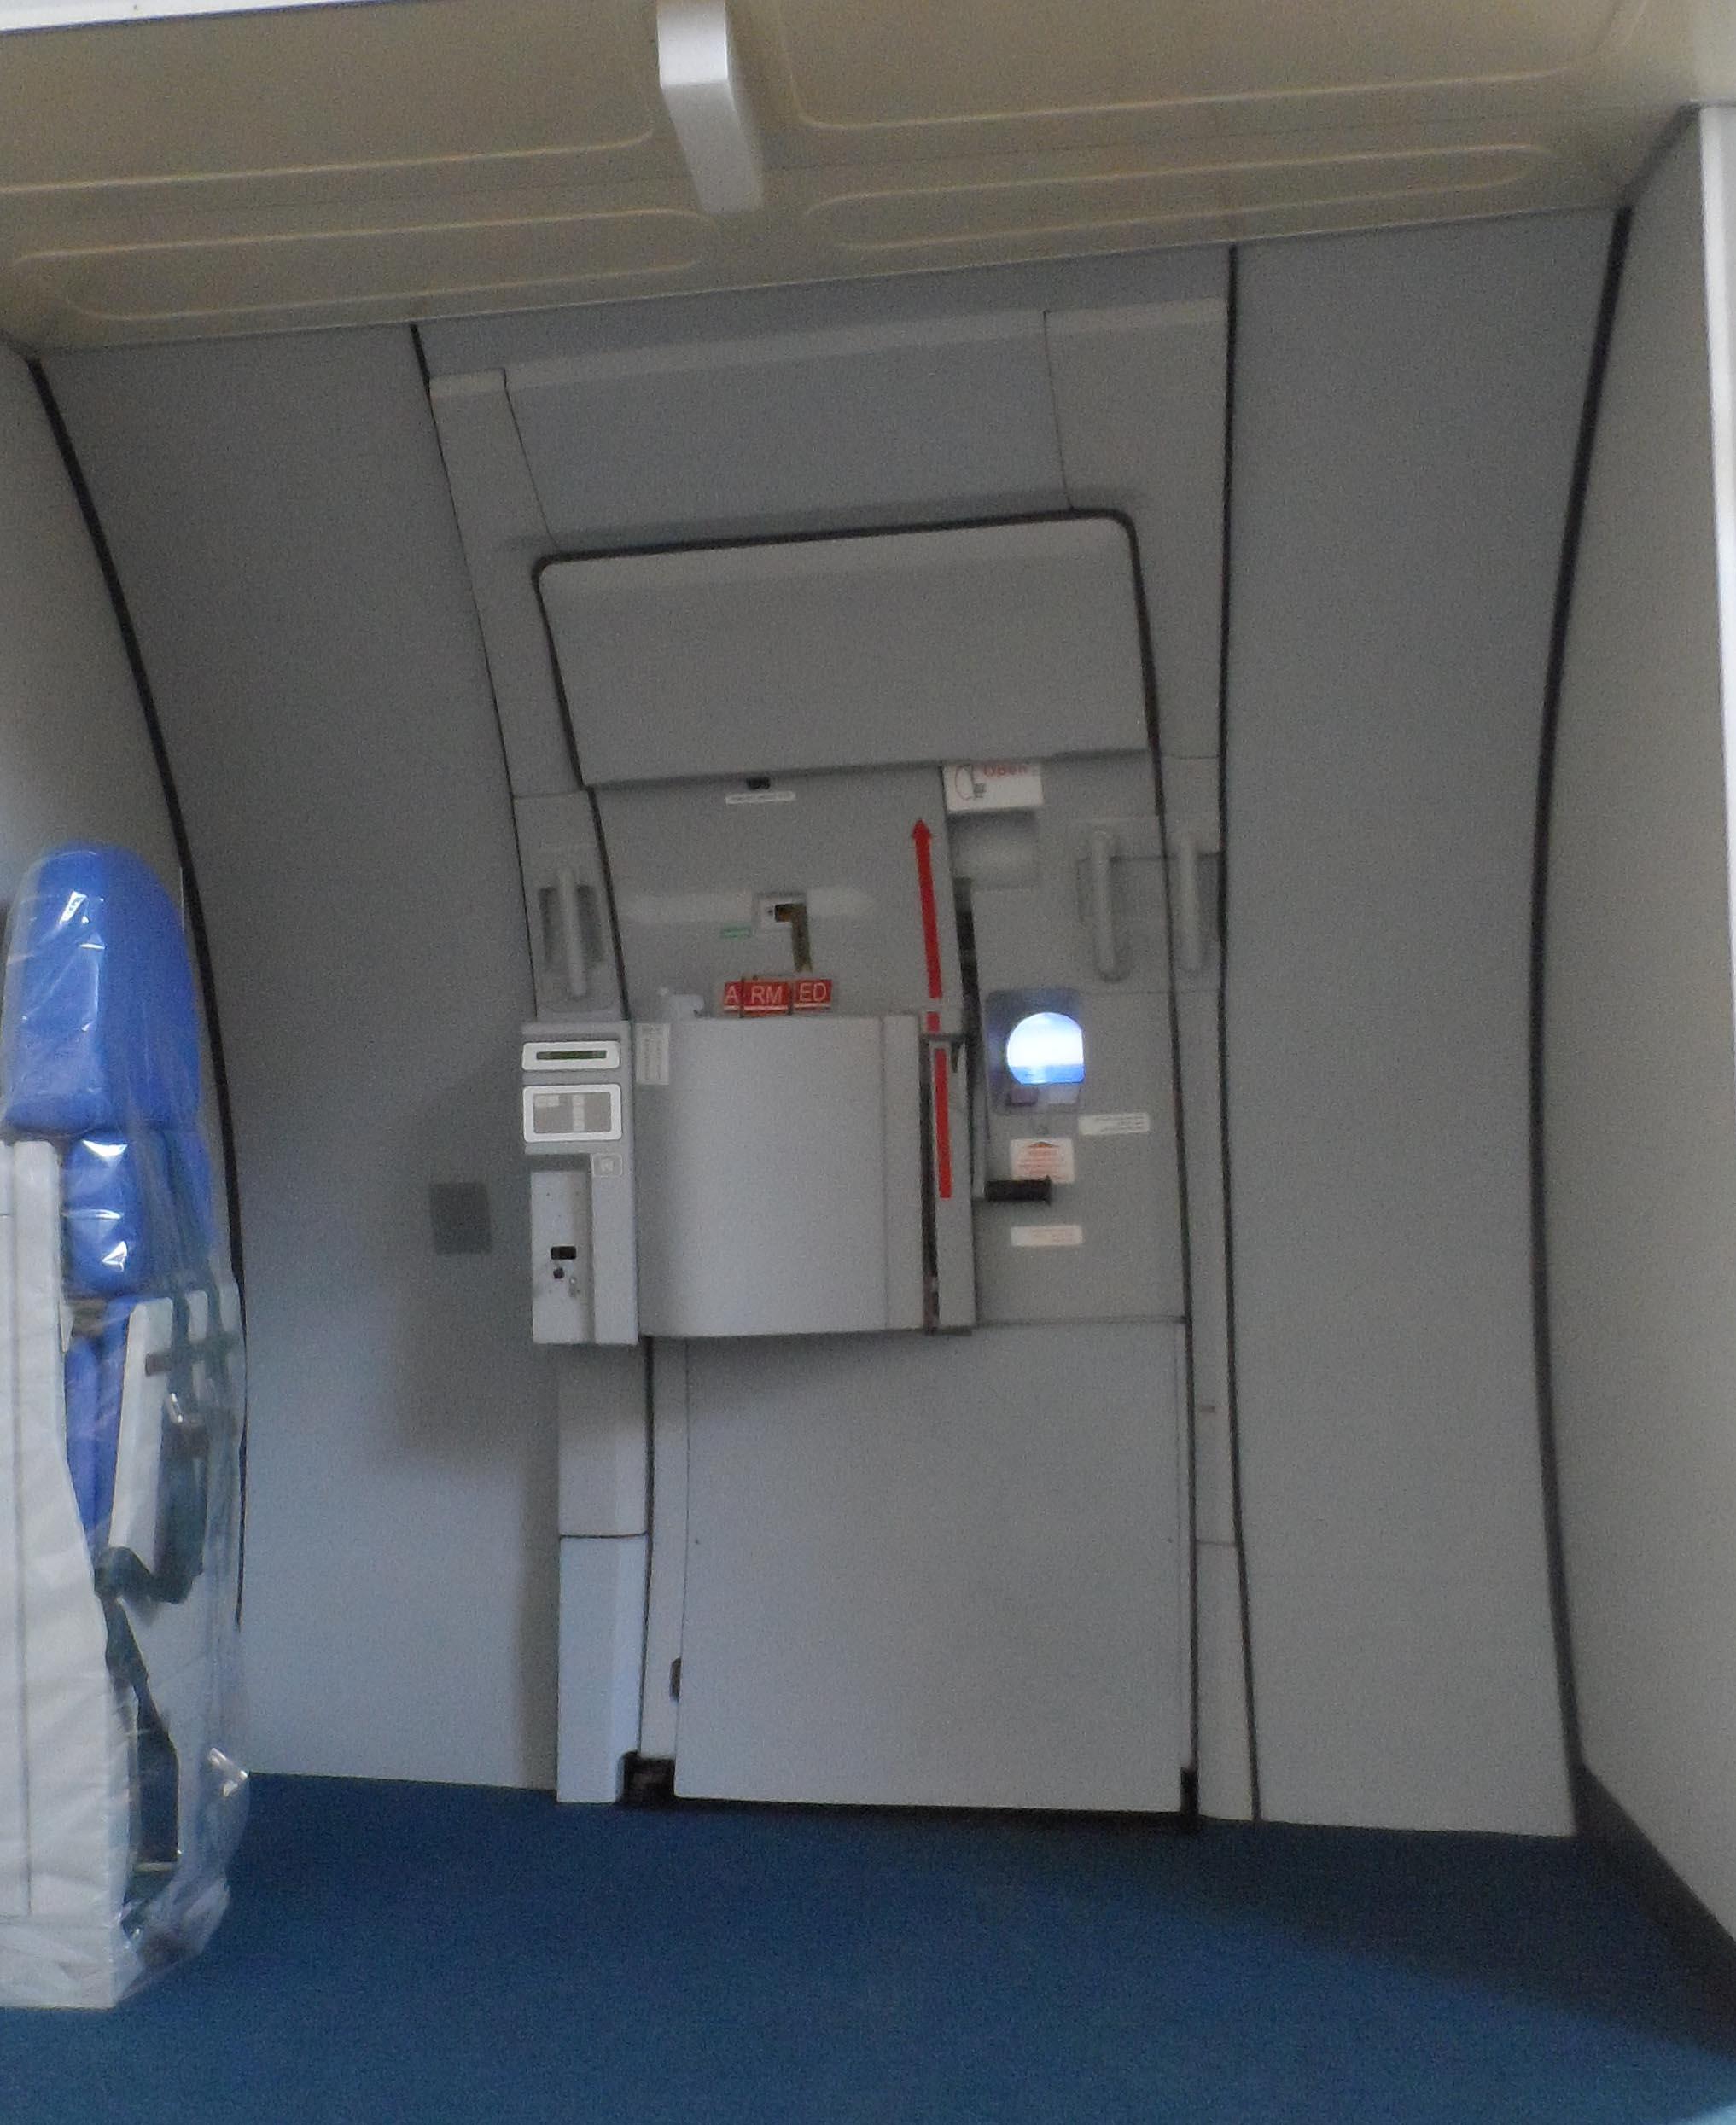 Airbus A320 door training